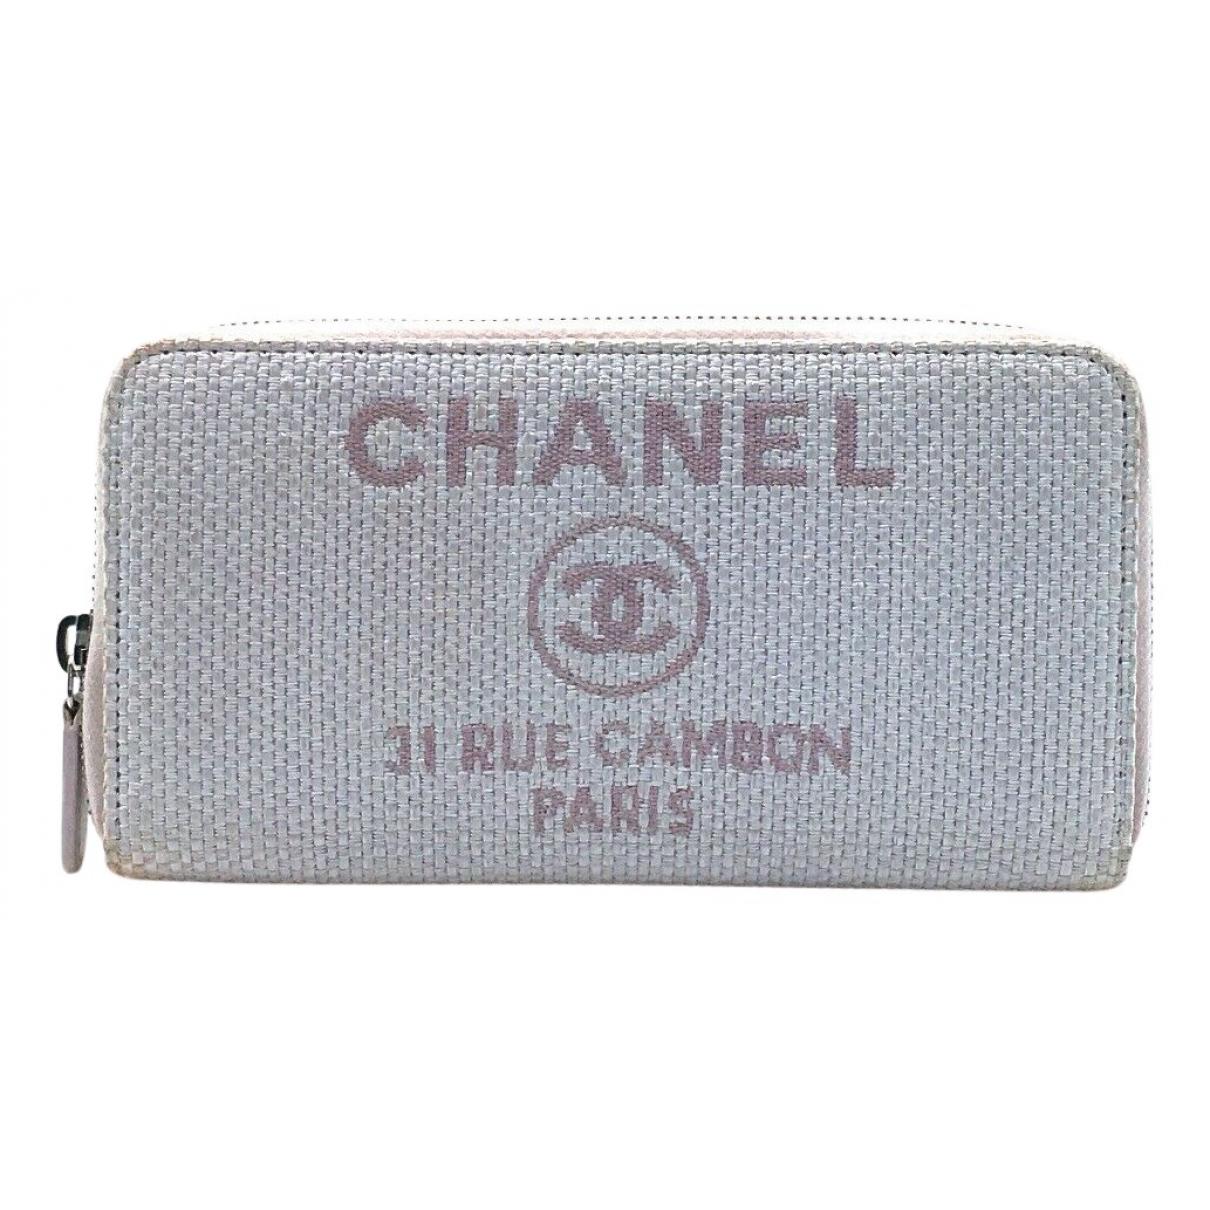 Chanel - Portefeuille   pour femme en toile - gris